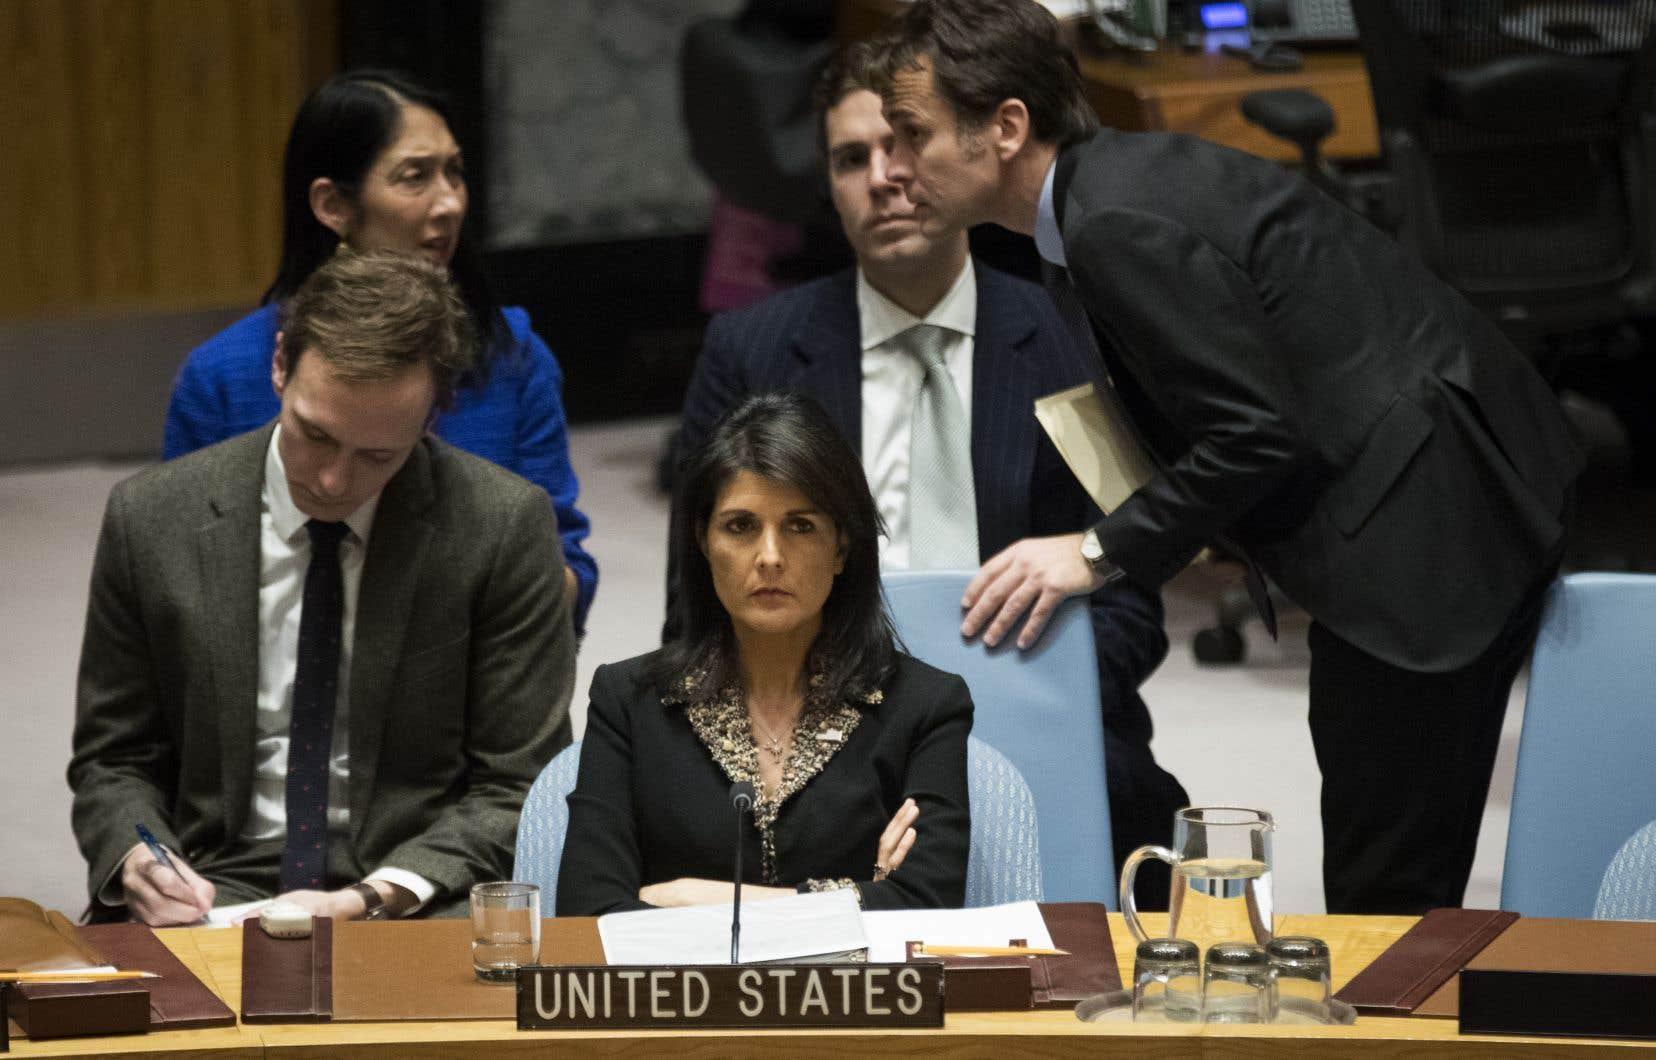 C'«est une insulte et un camouflet que nous n'oublierons pas», a menacé l'ambassadrice Nikki Haley.